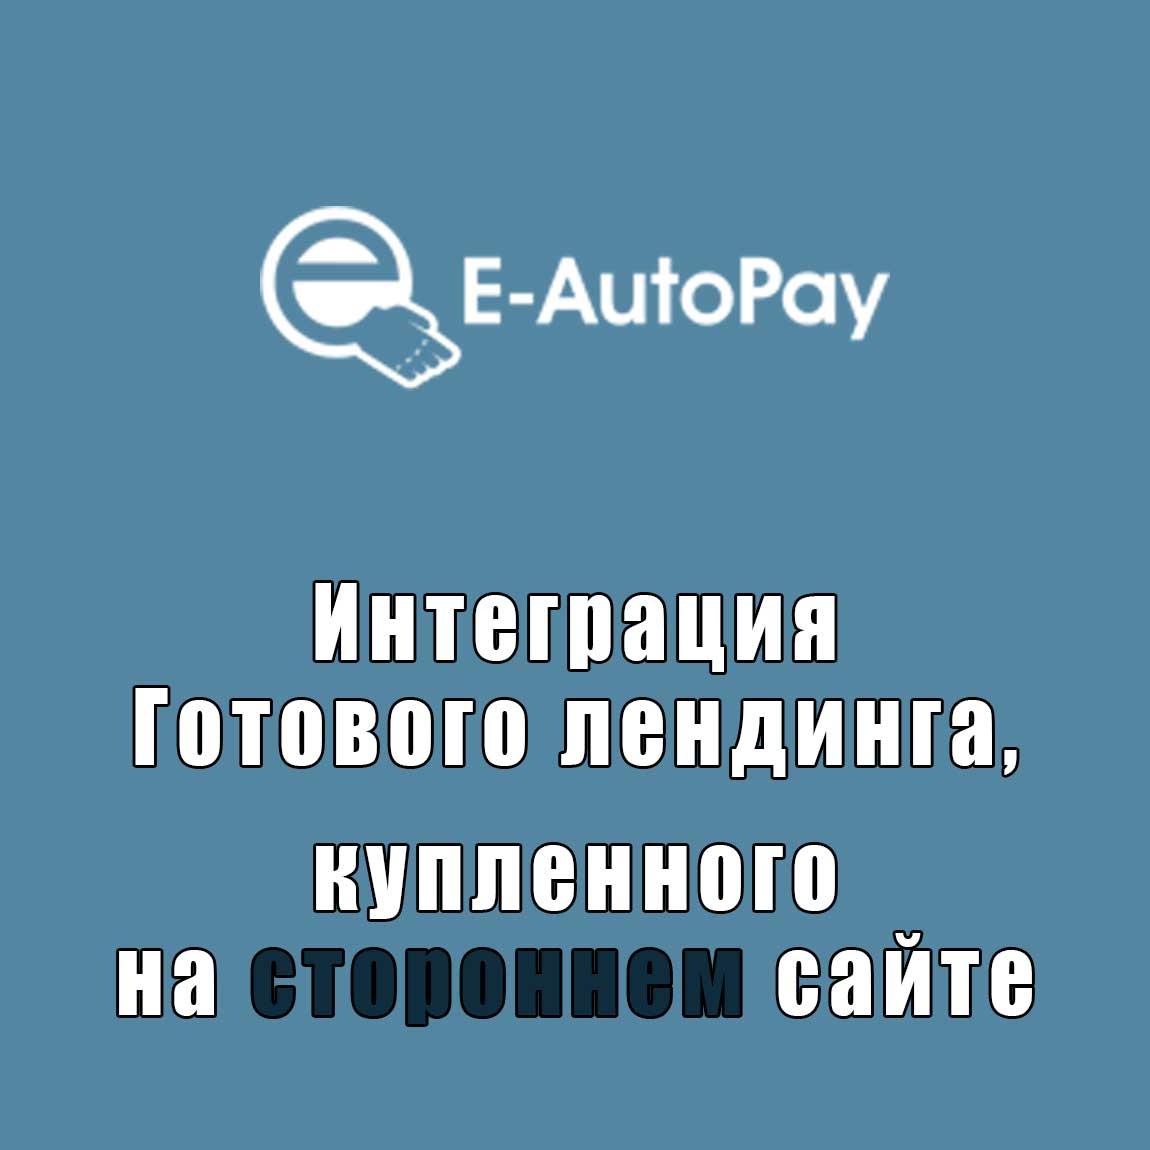 Интеграция с E-Autopay стороннего готового лендинга